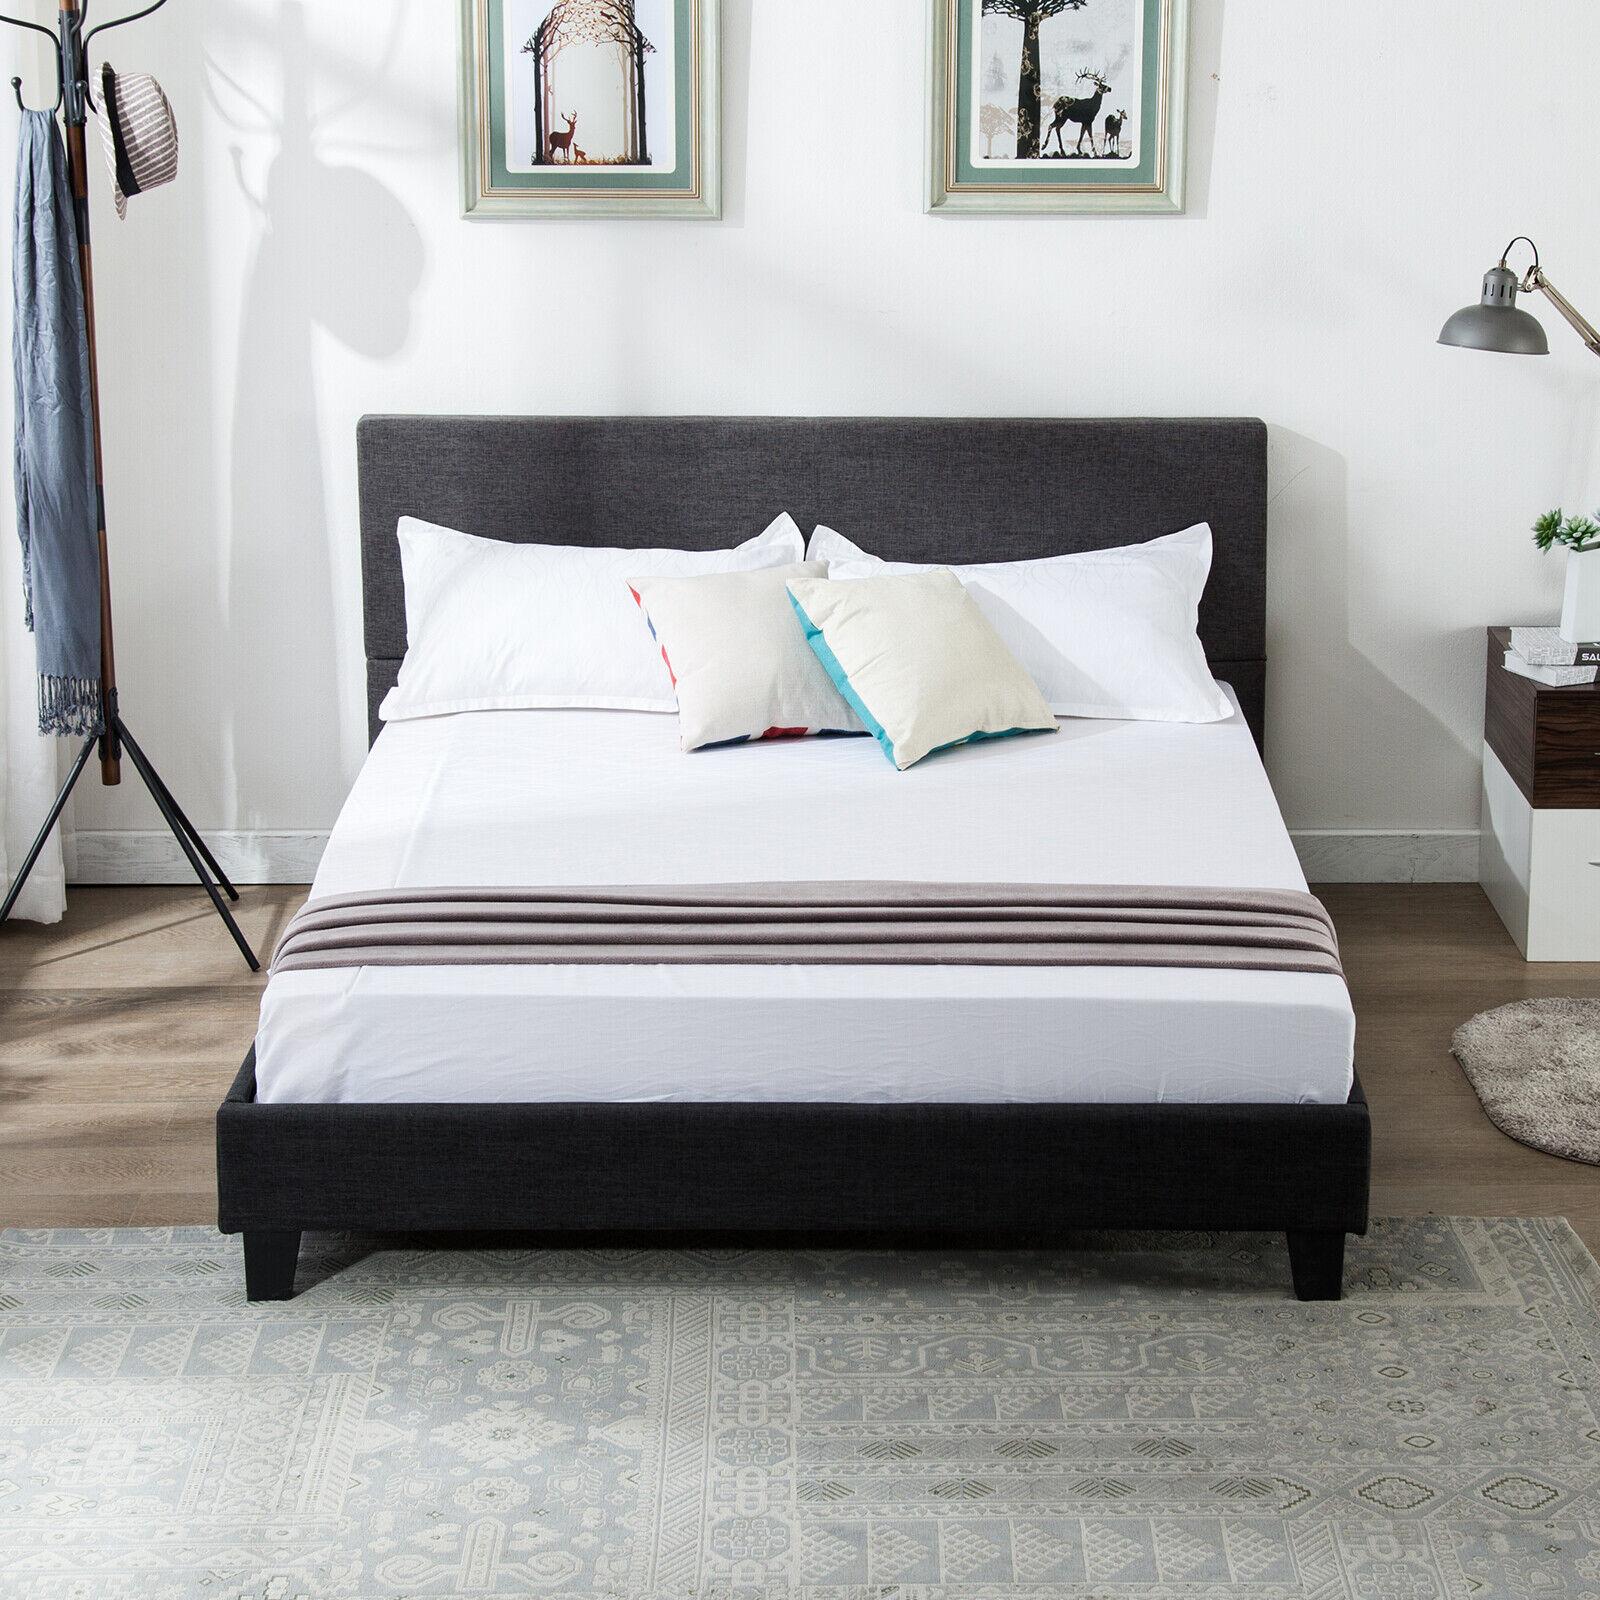 Velvet Or Linen Platform Bed Frame Headboard Queen King Size Bedroom Tufted For Sale Online Ebay